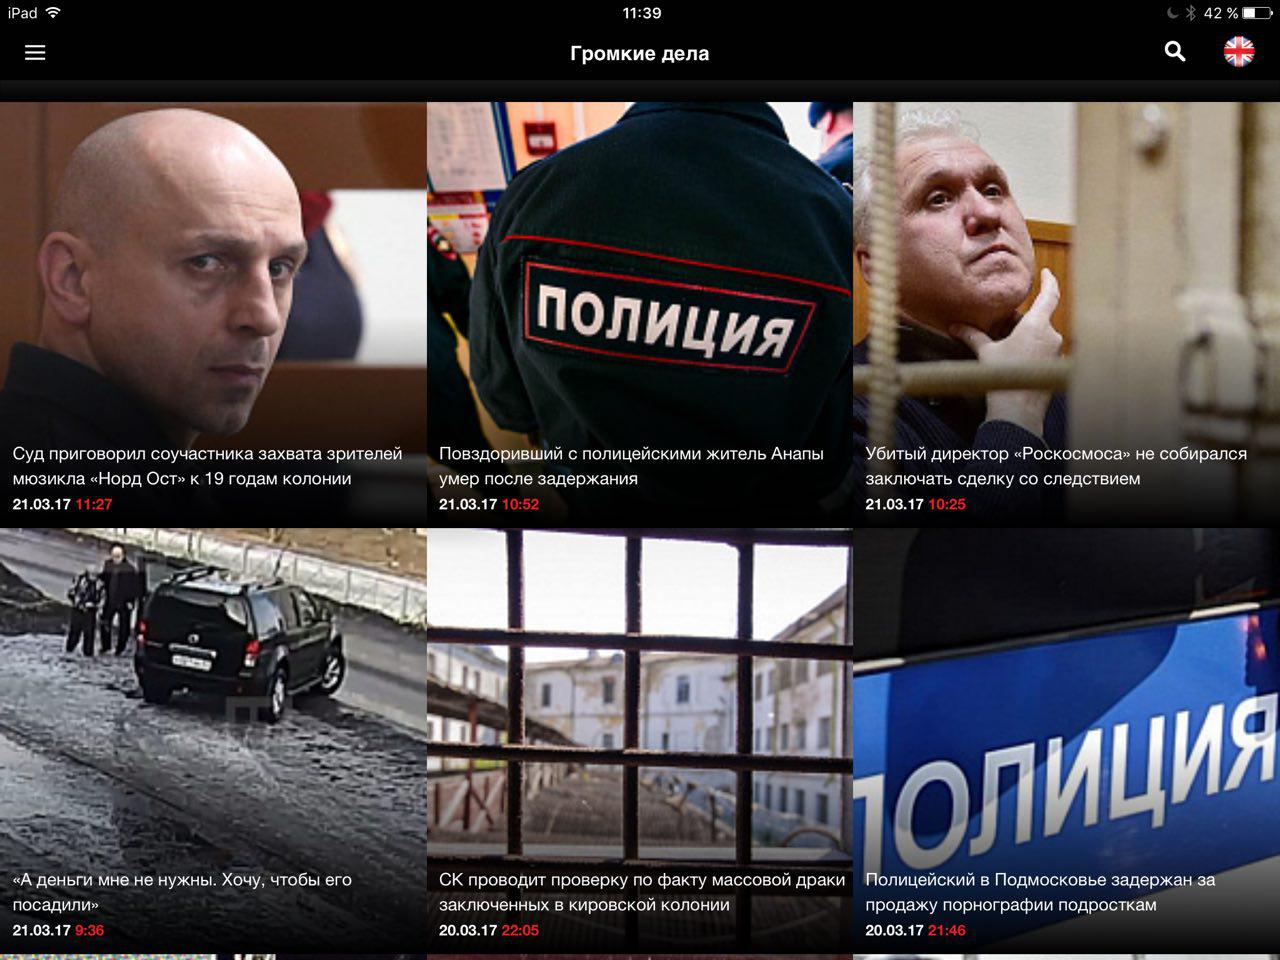 Обзор приложения «Преступная Россия»